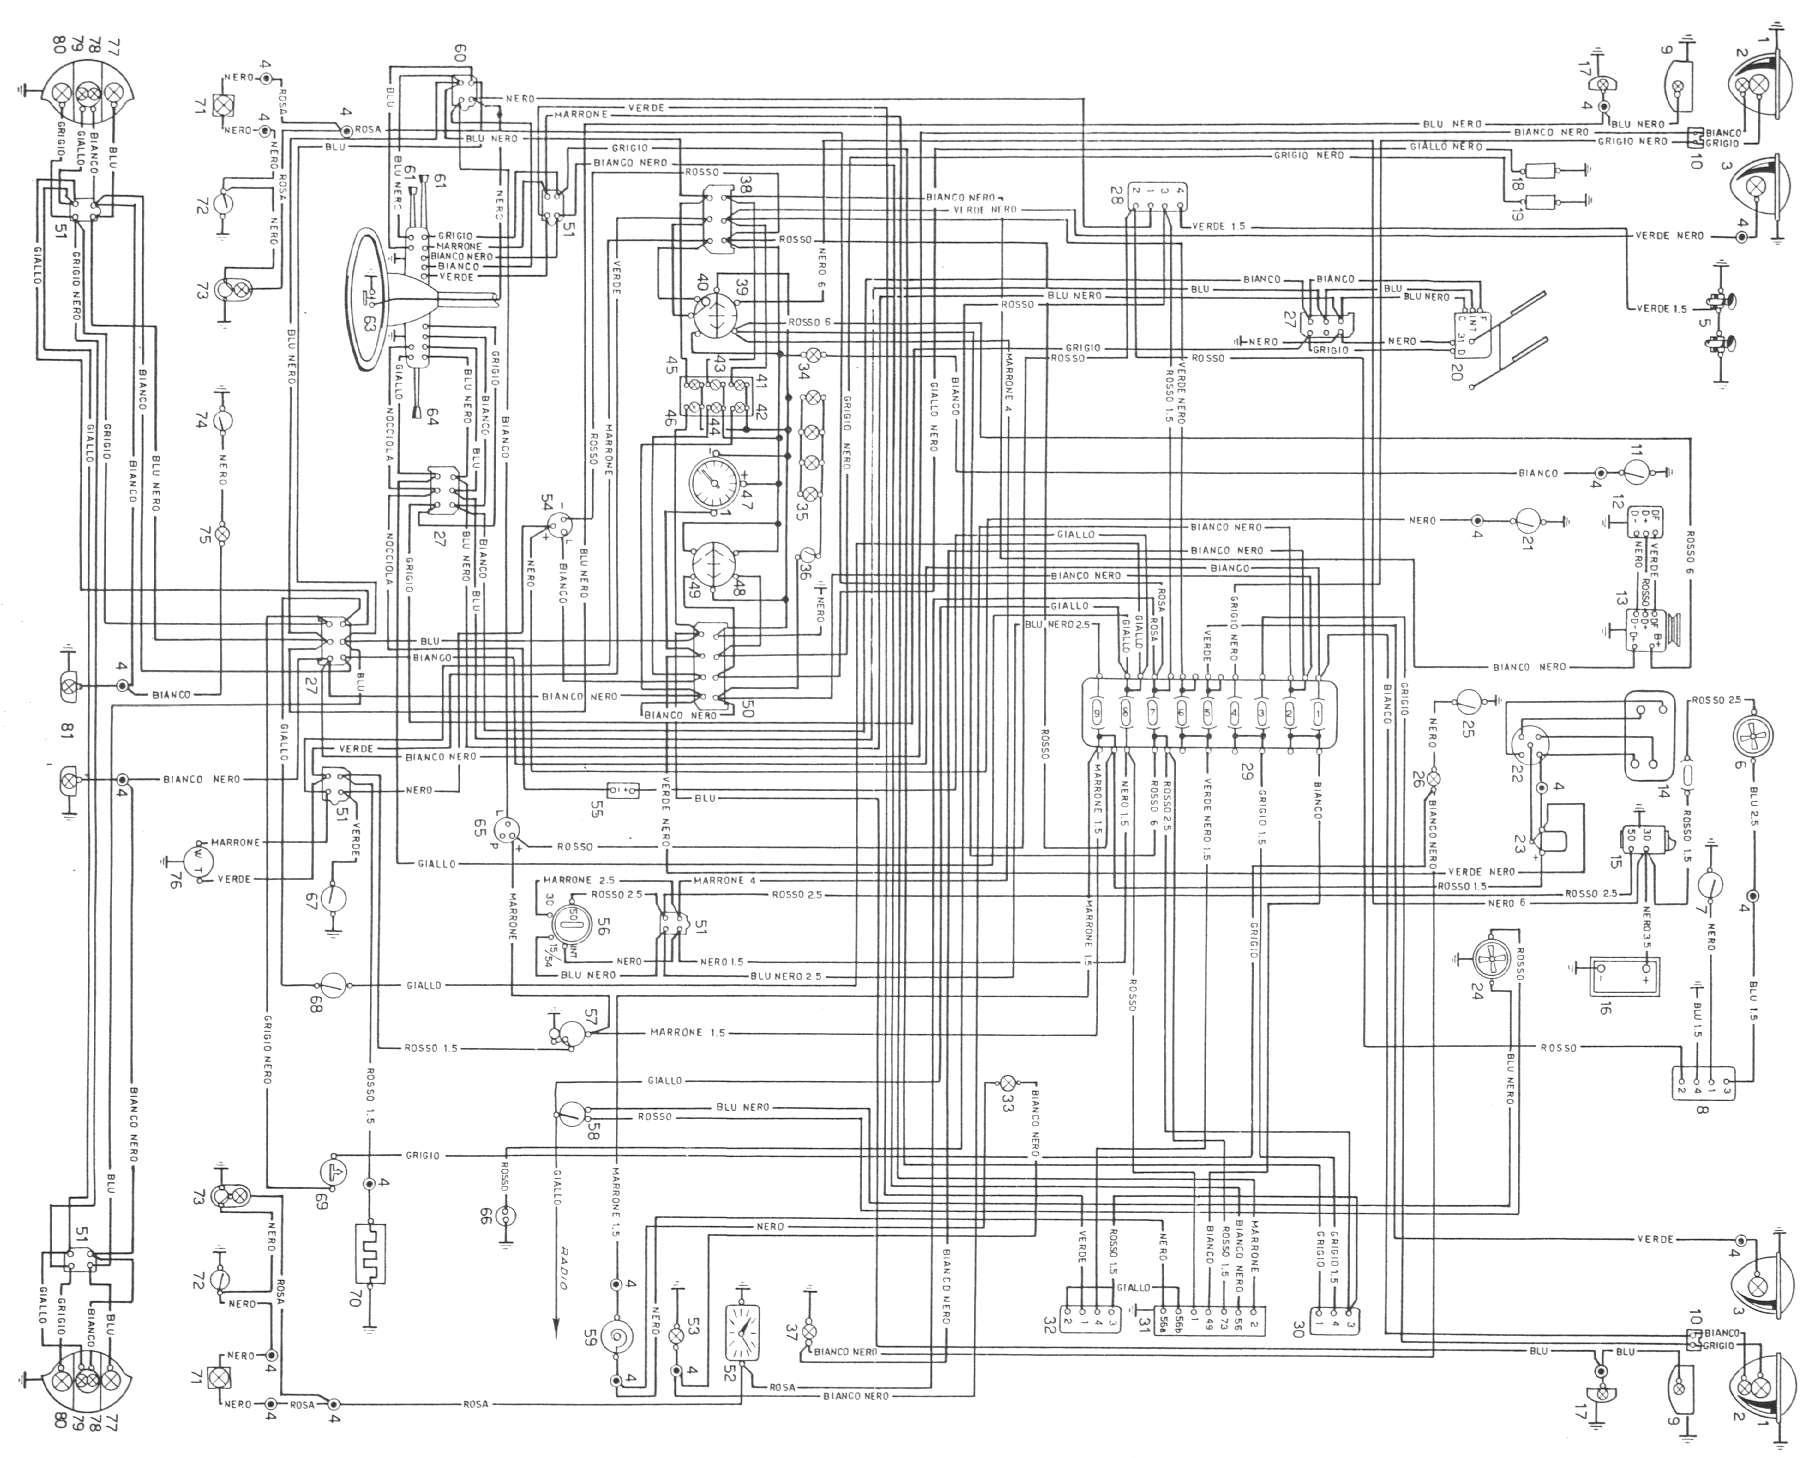 Schema Elettrico Alzacristalli Fiat Grande Punto : Manuale lancia fulvia